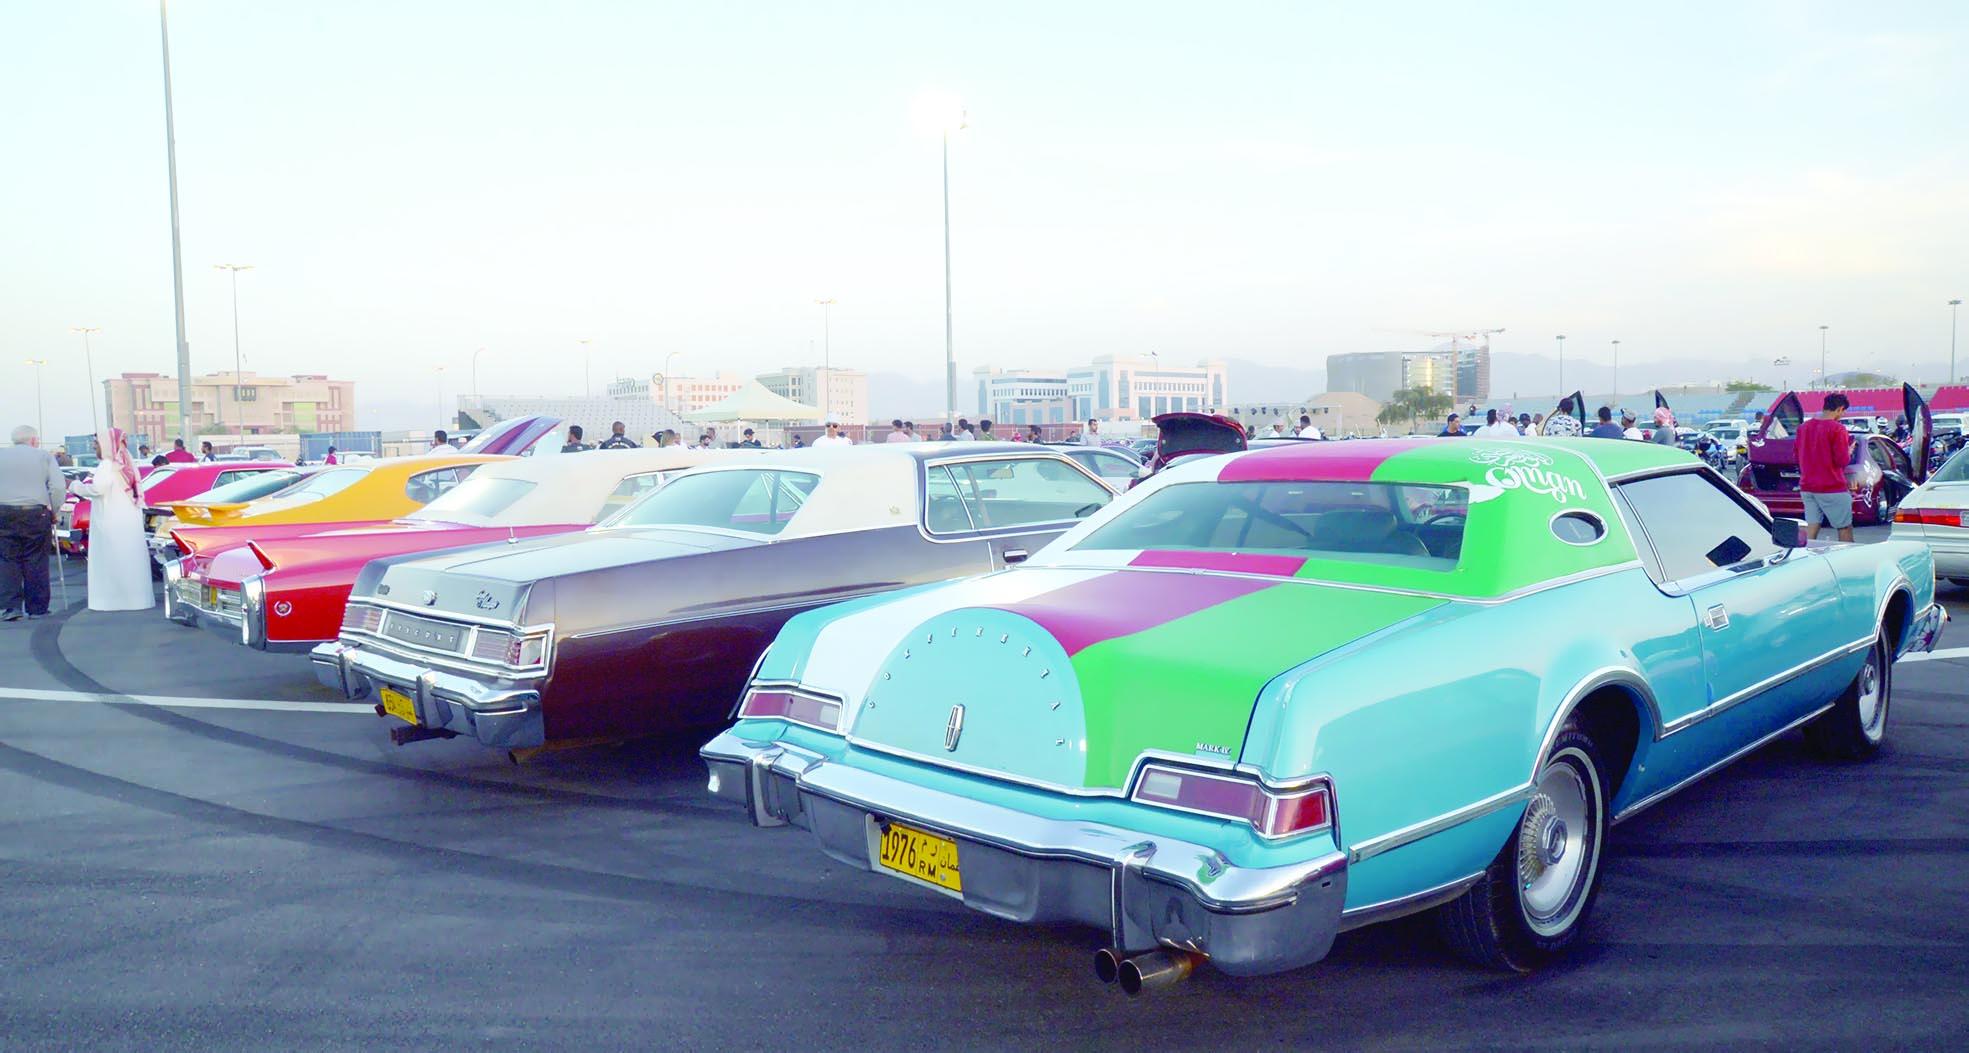 السيارات الكلاسيكية تجذب عشاقها في مهرجان مسقط